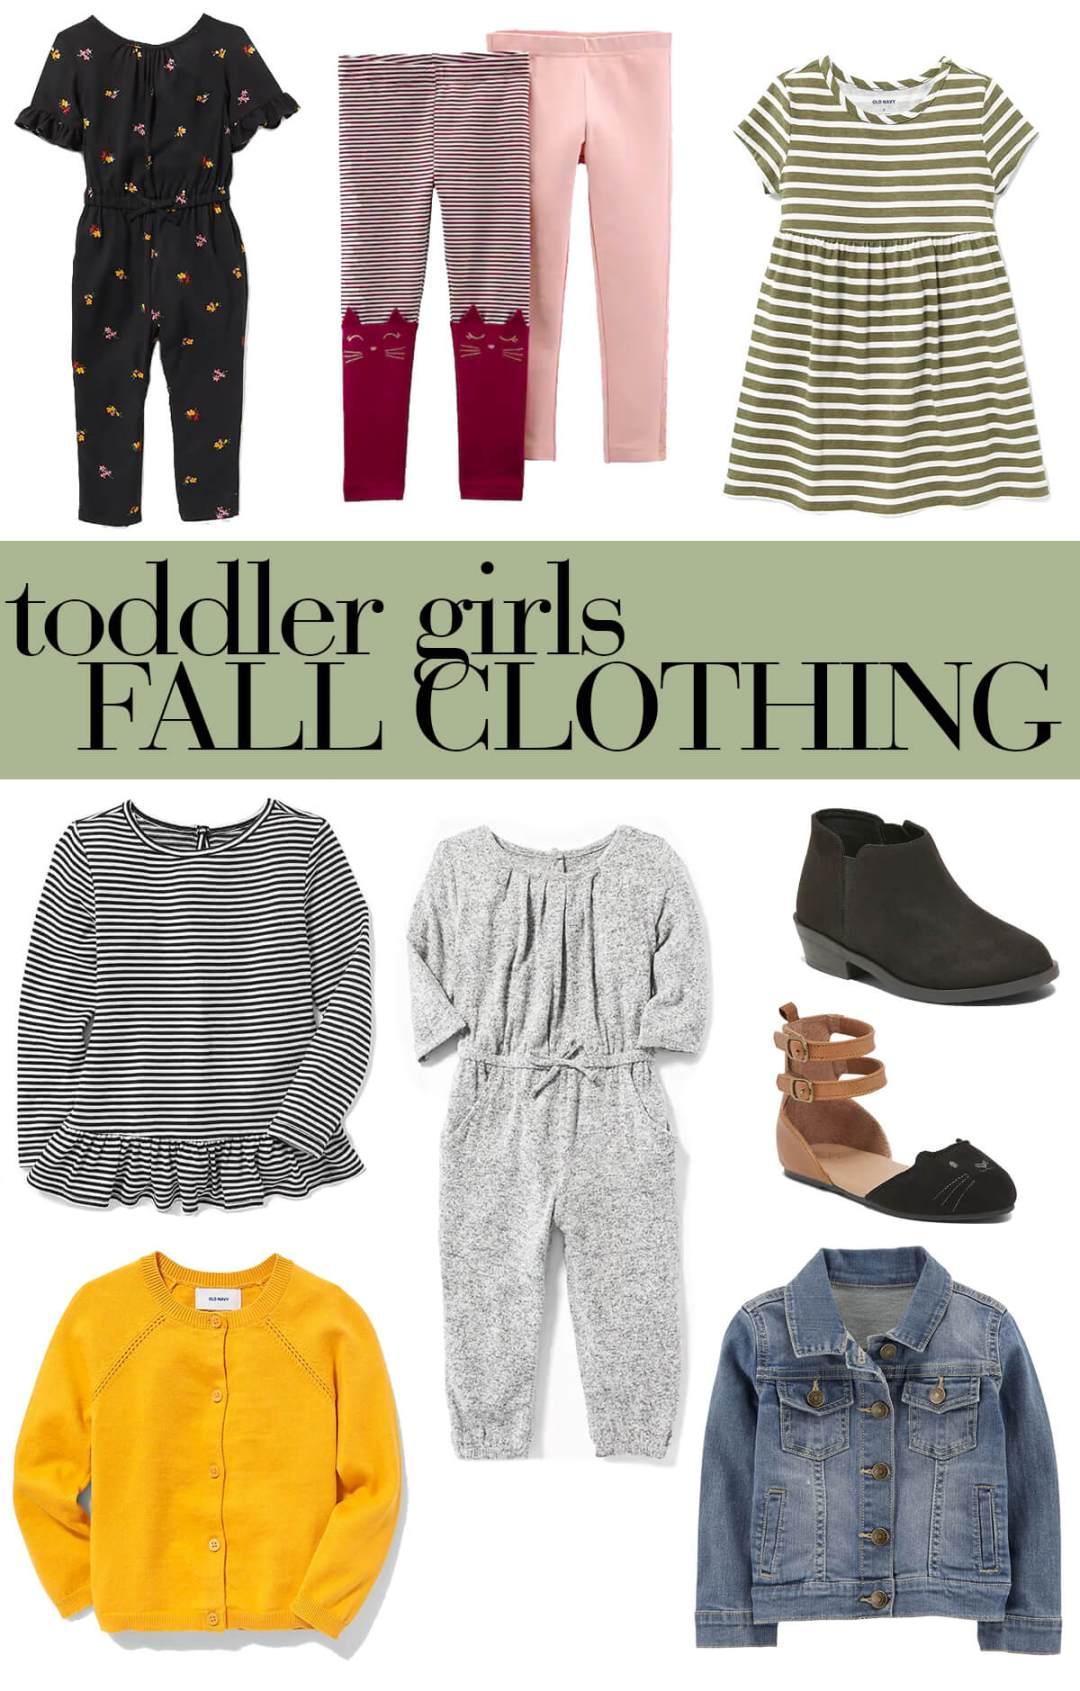 toddler girls fall clothing